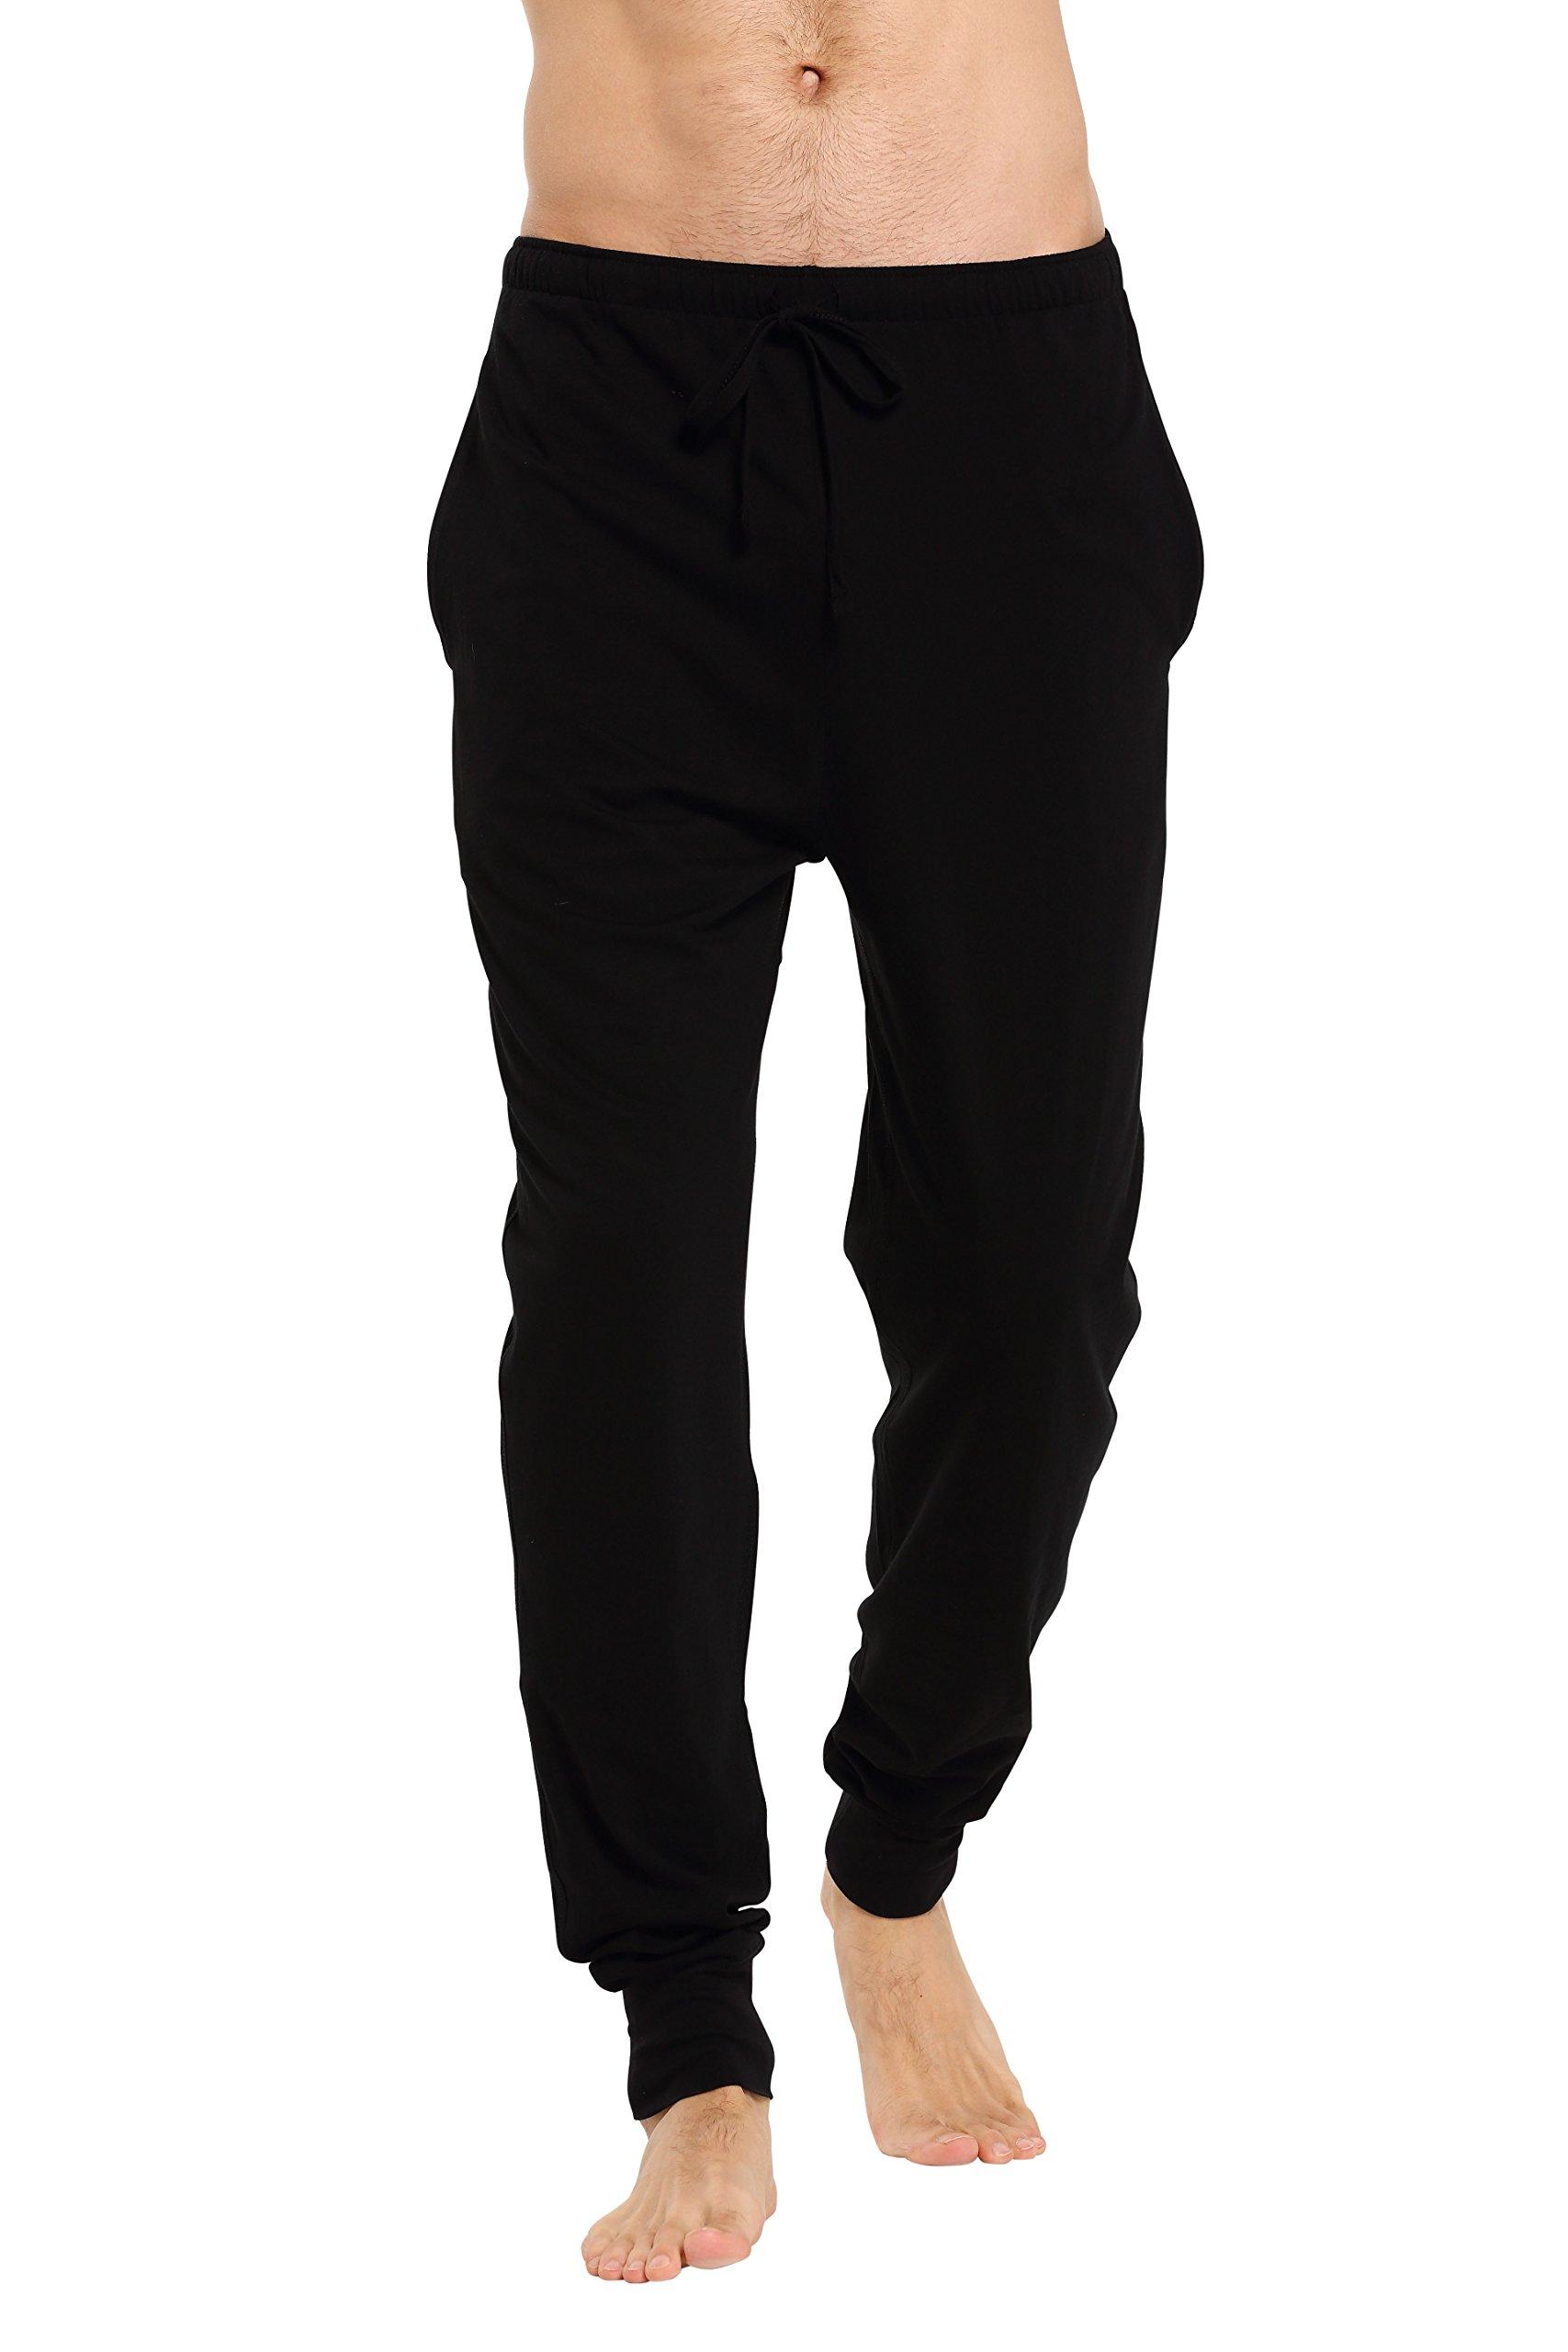 CYZ Men's Cotton Knit Lounge Pants with Drawstring-Black-L